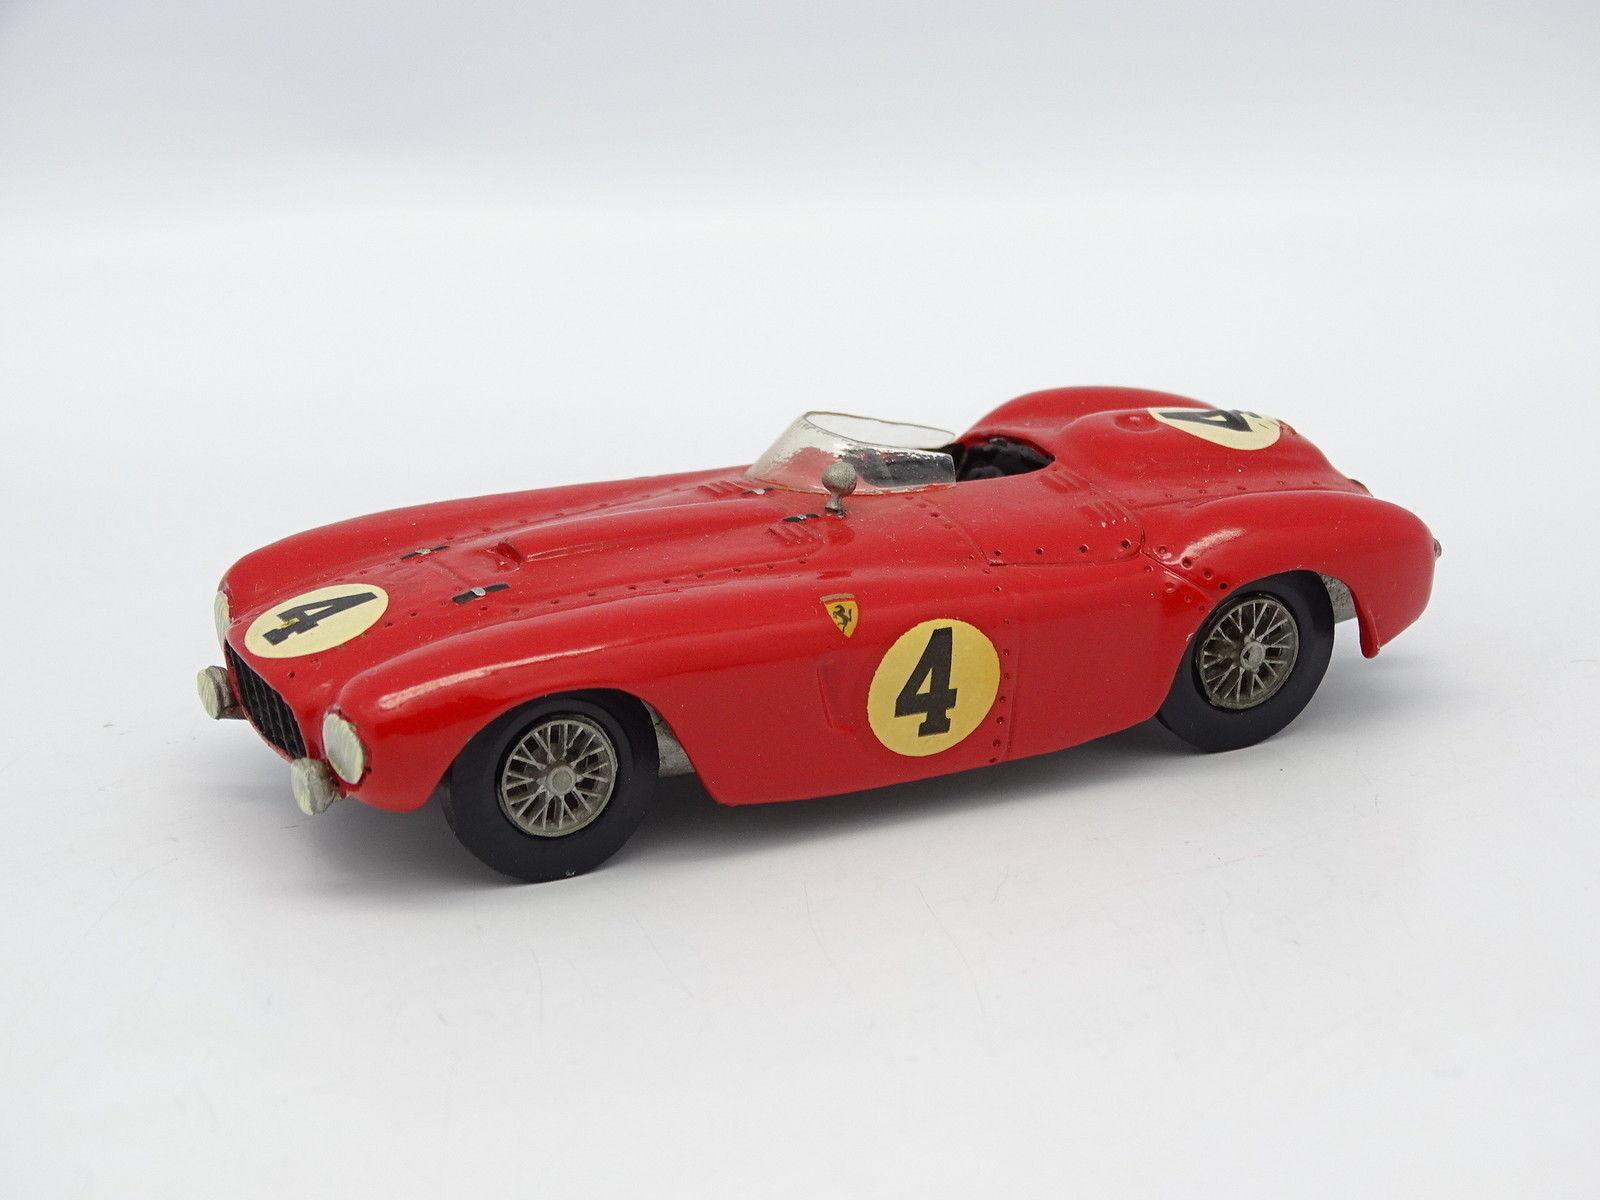 Todo en alta calidad y bajo precio. John Day Kit Montado Metal 1 43 - Ferrari Ferrari Ferrari 375 Plus Le Mans 1954  Felices compras